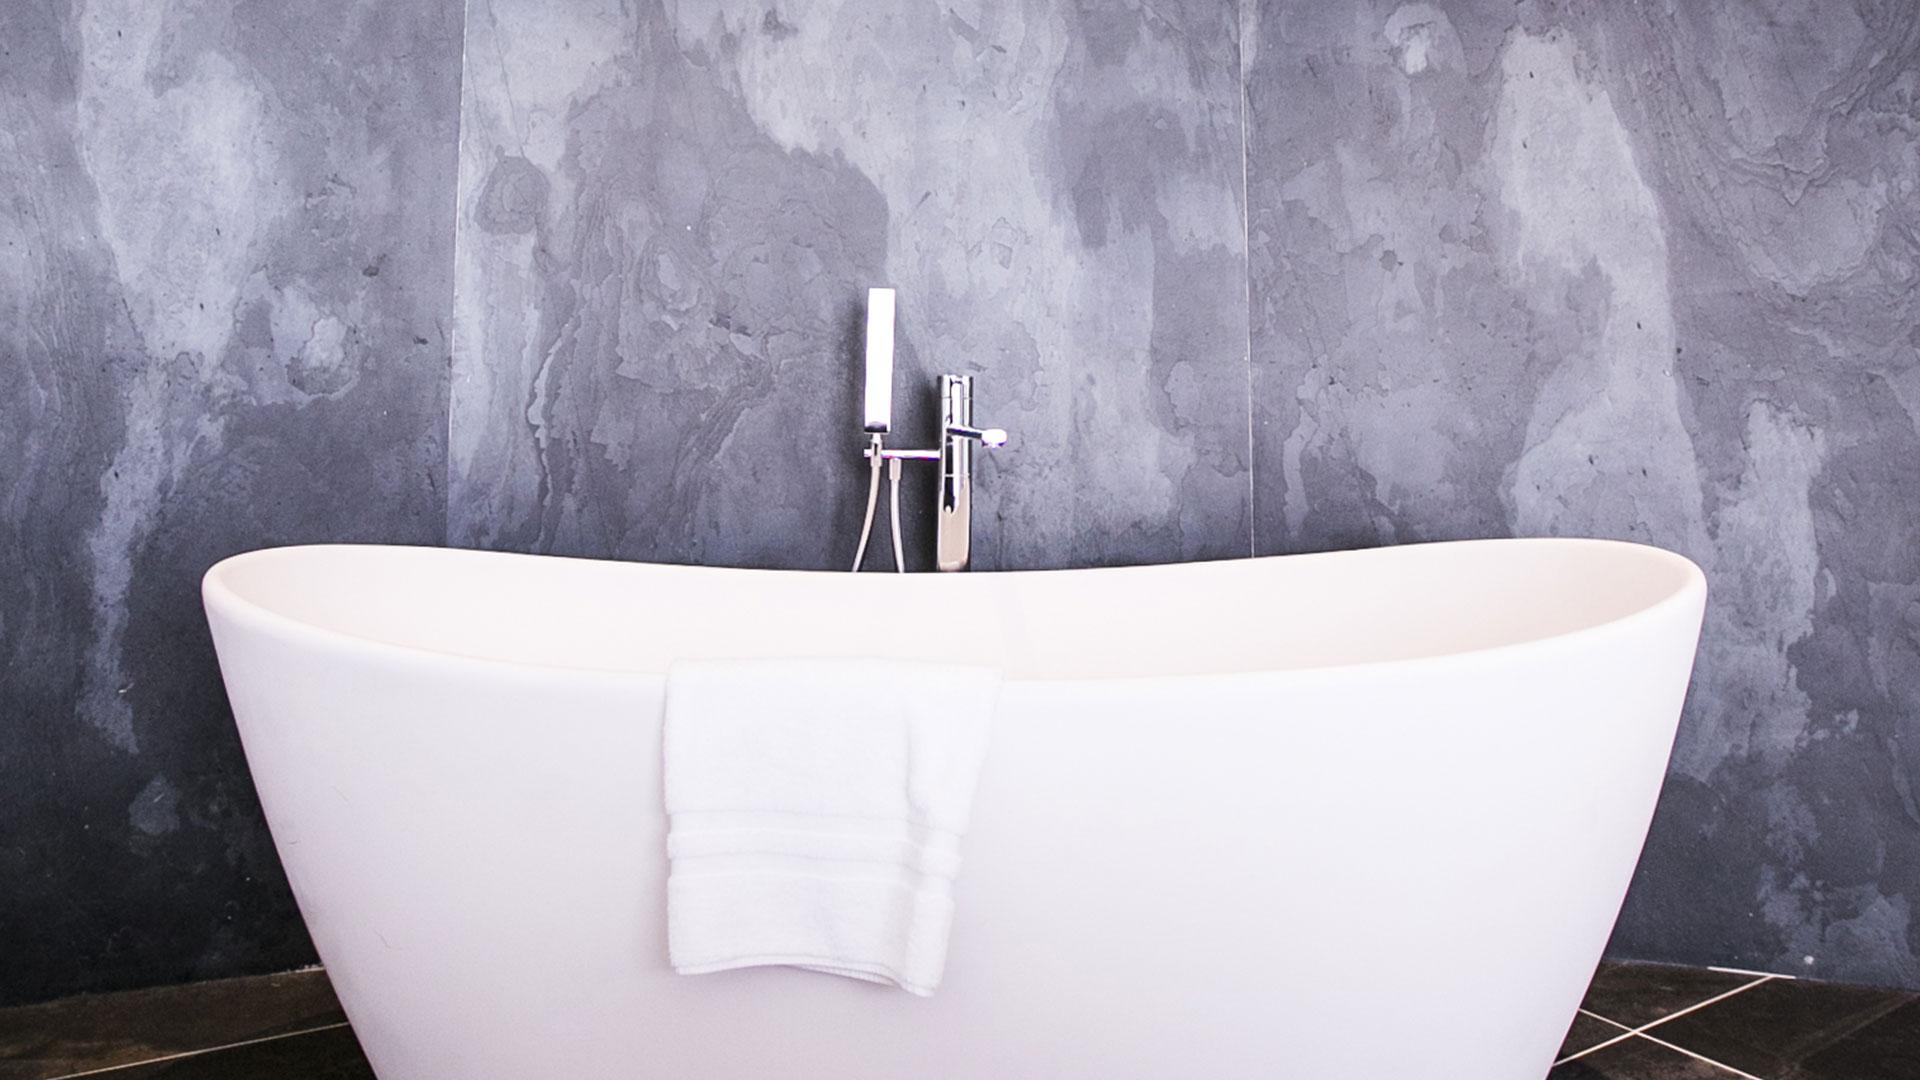 Suite La Plage et sa magnifique baignoire dans le salon de la chambre avec vue mer, hôtel bord de mer méditerranée, Hôtel La Plage.